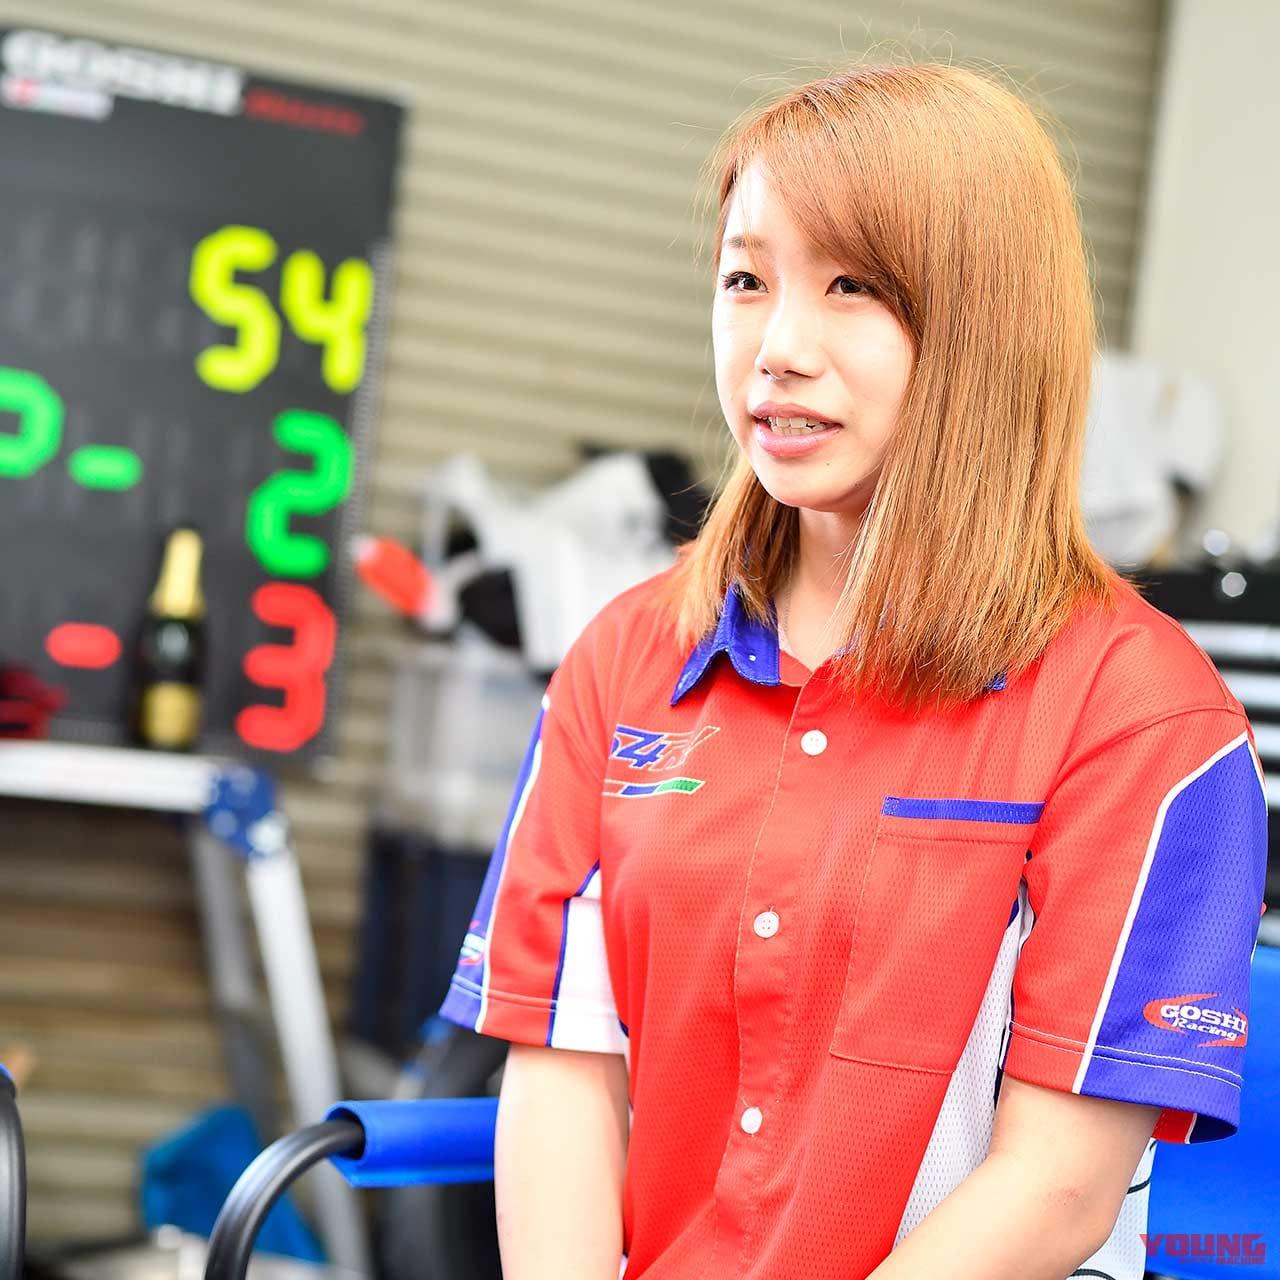 オートレーサー候補生に小椋華恋ら20名【難関突破の合格者、女子は過去最多8人】